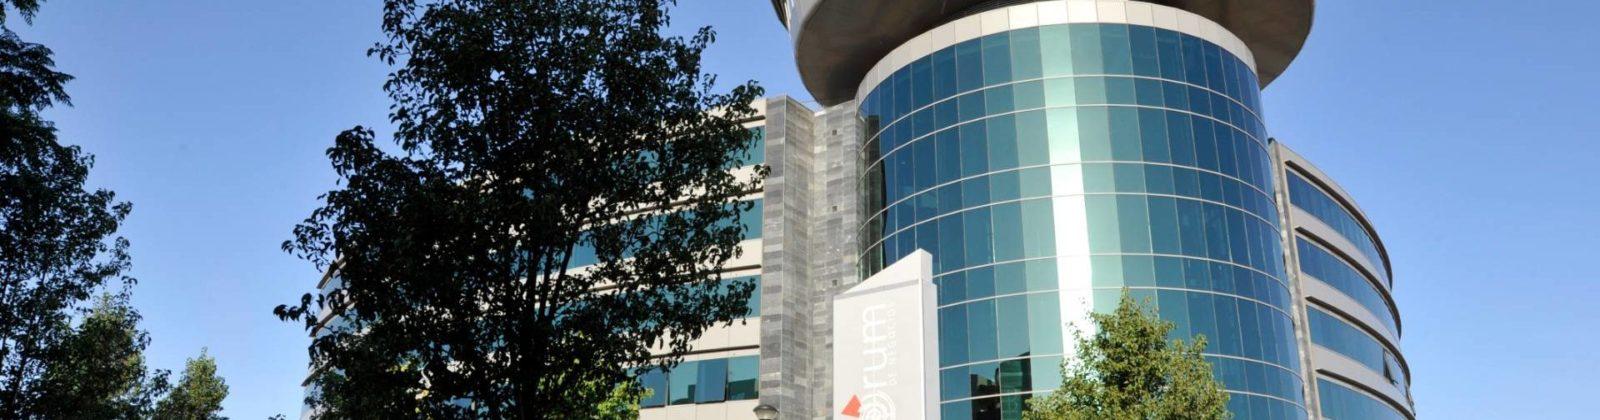 Cropped Agencia Marketing Online En Granada Edificio Forum.jpg